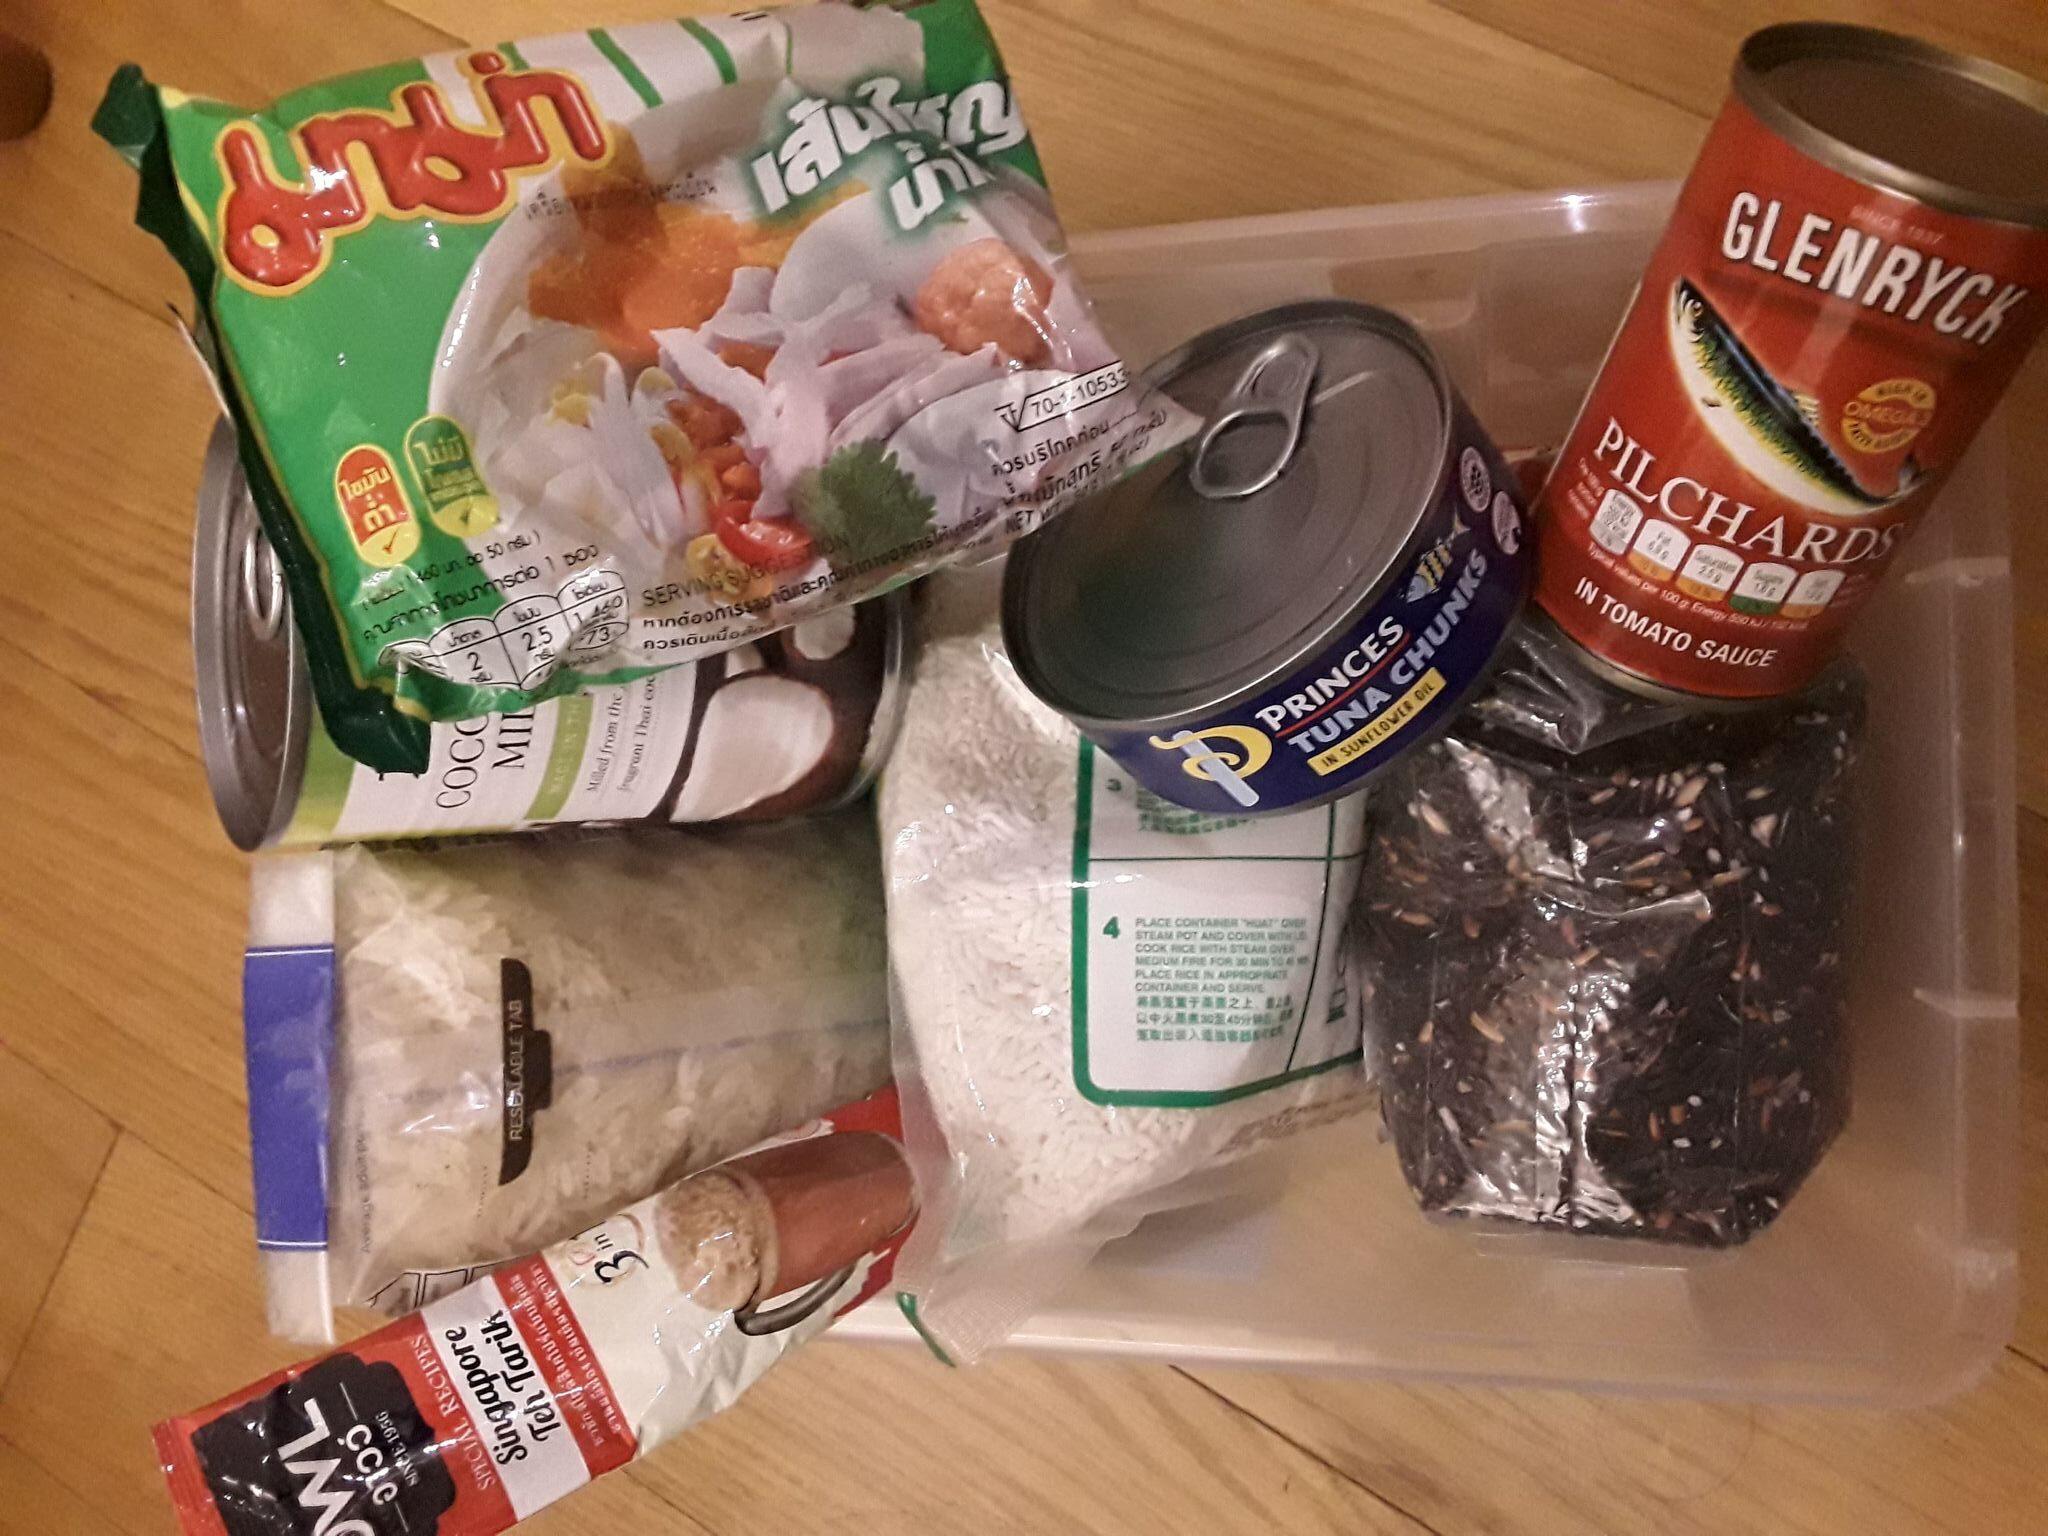 อาหารแห้ง/ของใช้ในครัว ยุคโควิด